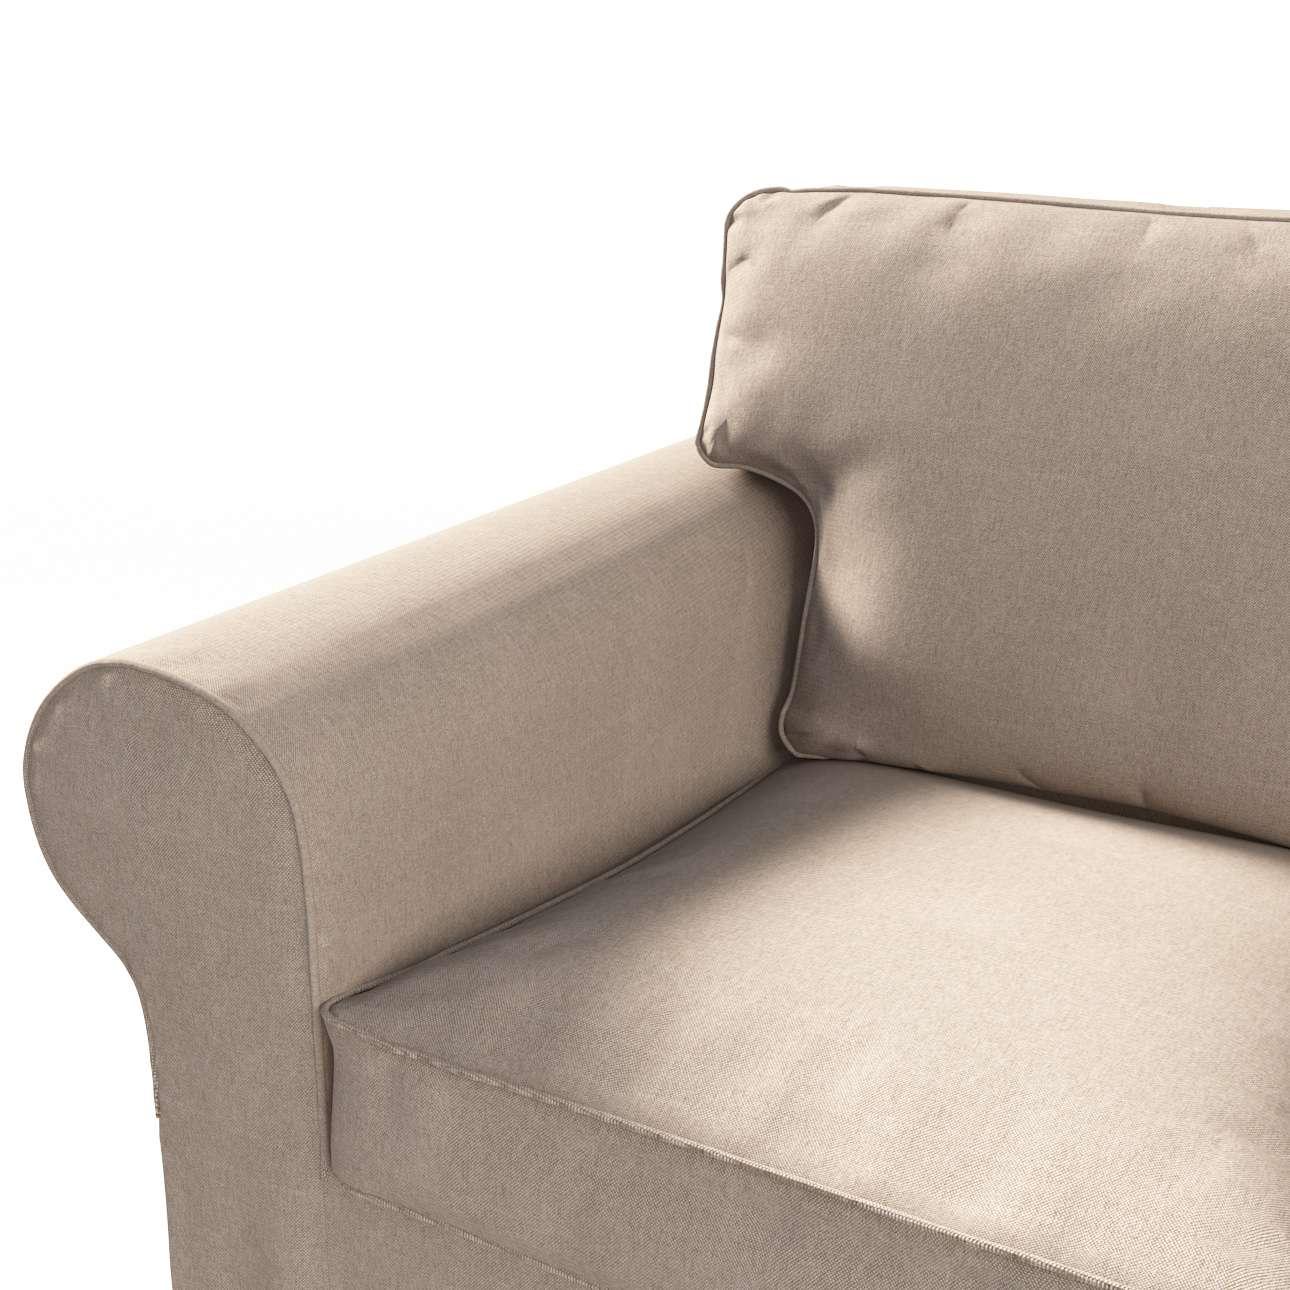 Ektorp 3-Sitzer Schlafsofabezug, ALTES Modell von der Kollektion Etna, Stoff: 705-09